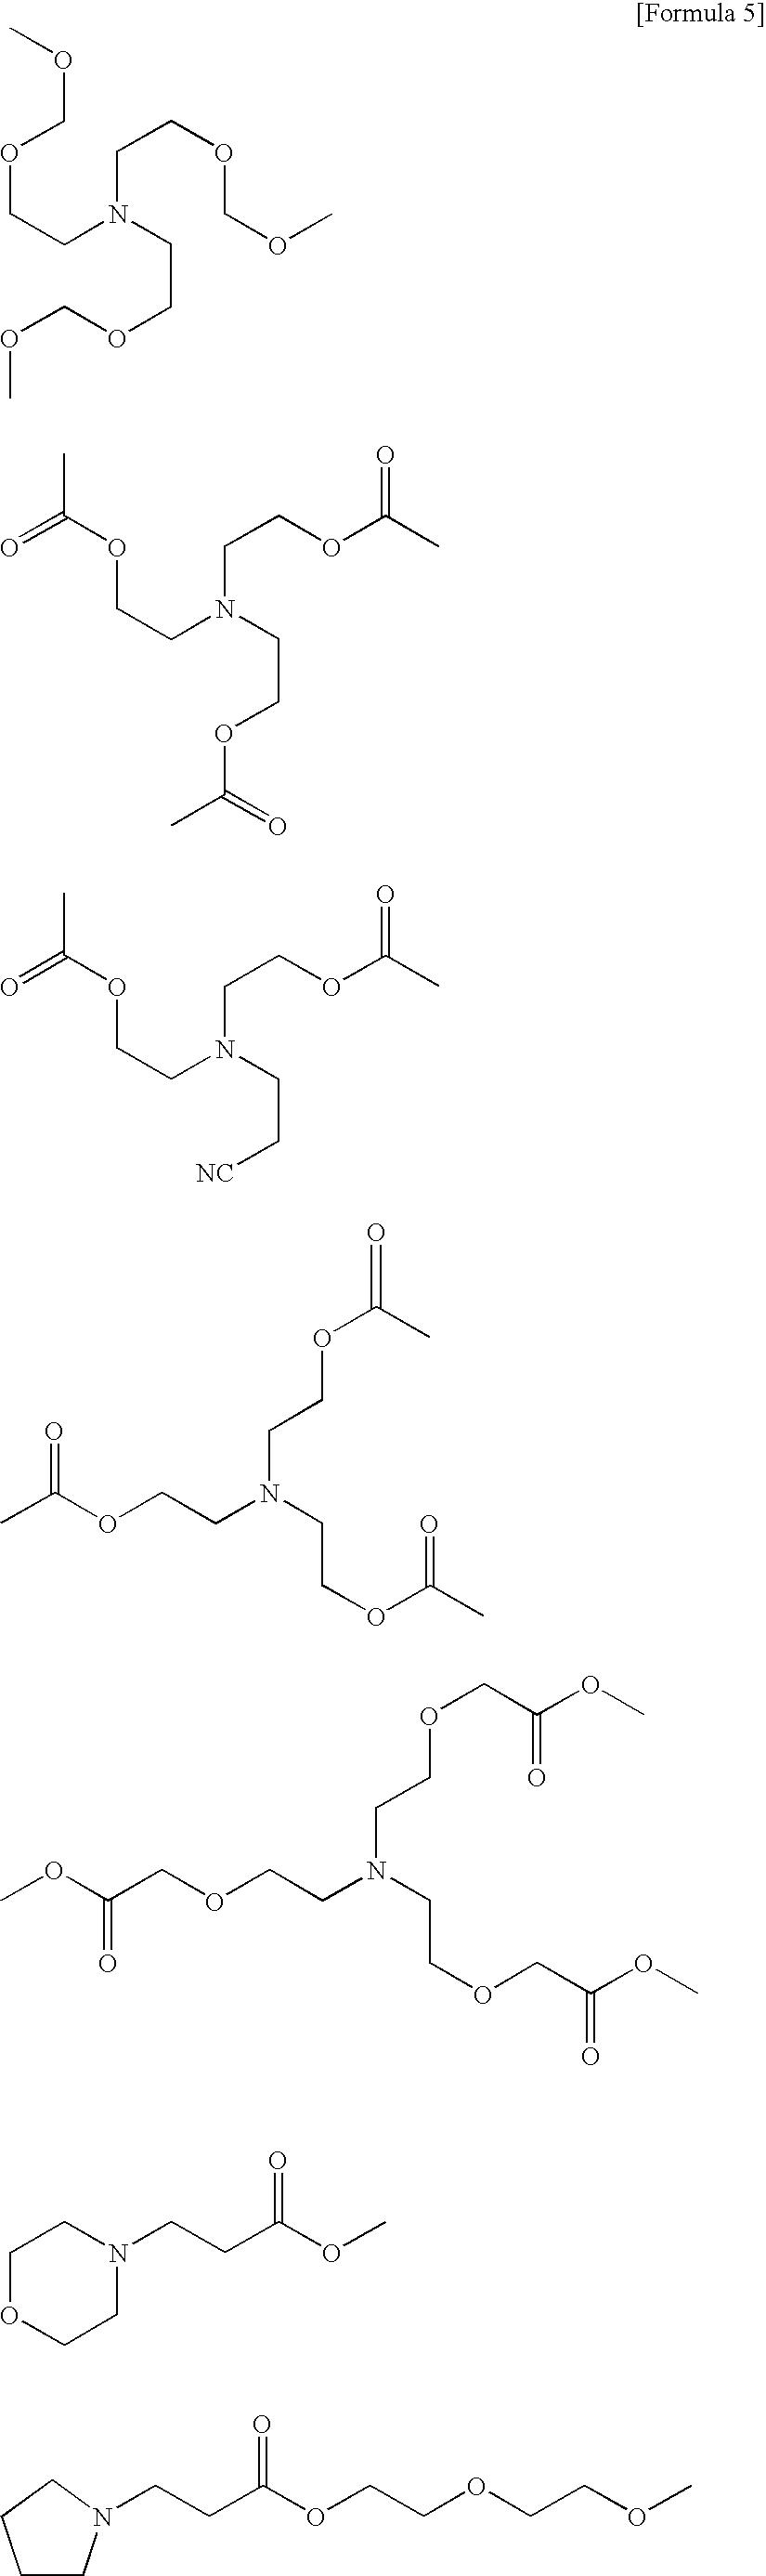 Figure US20060154171A1-20060713-C00006